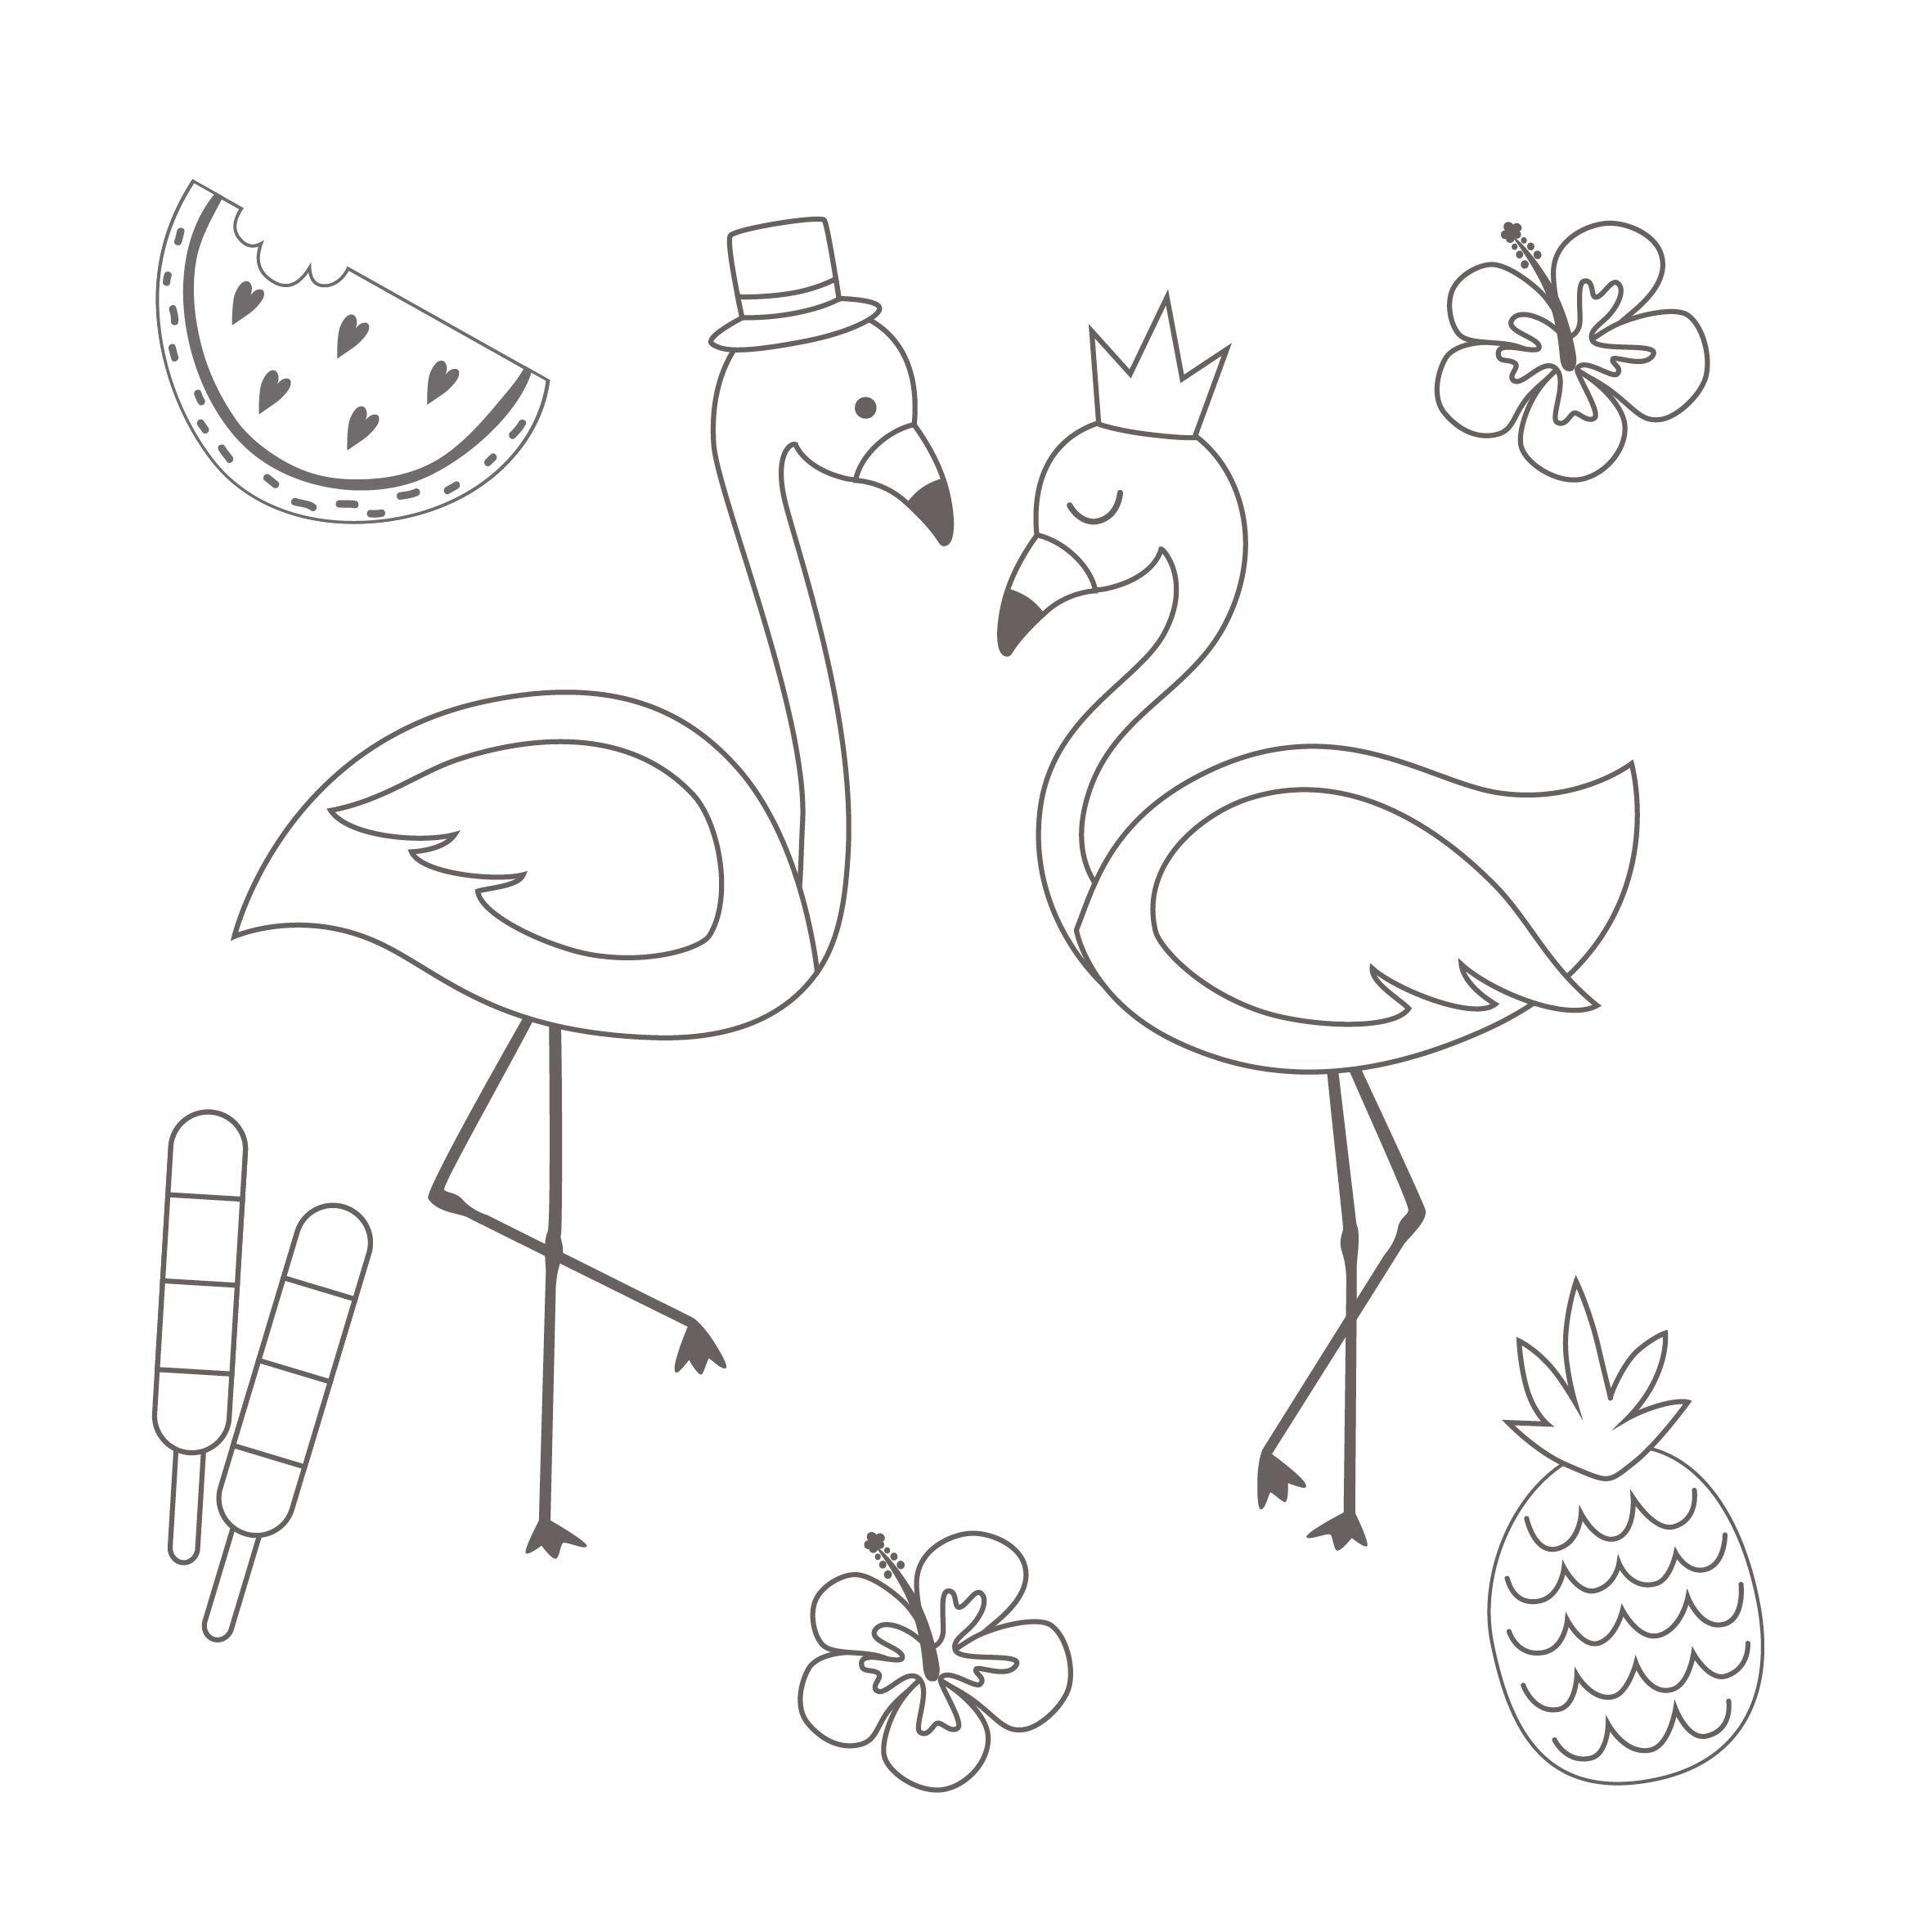 Das Flamingo-Malbuch: 28 Motive zum Ausmalen und Dekorieren – Mit